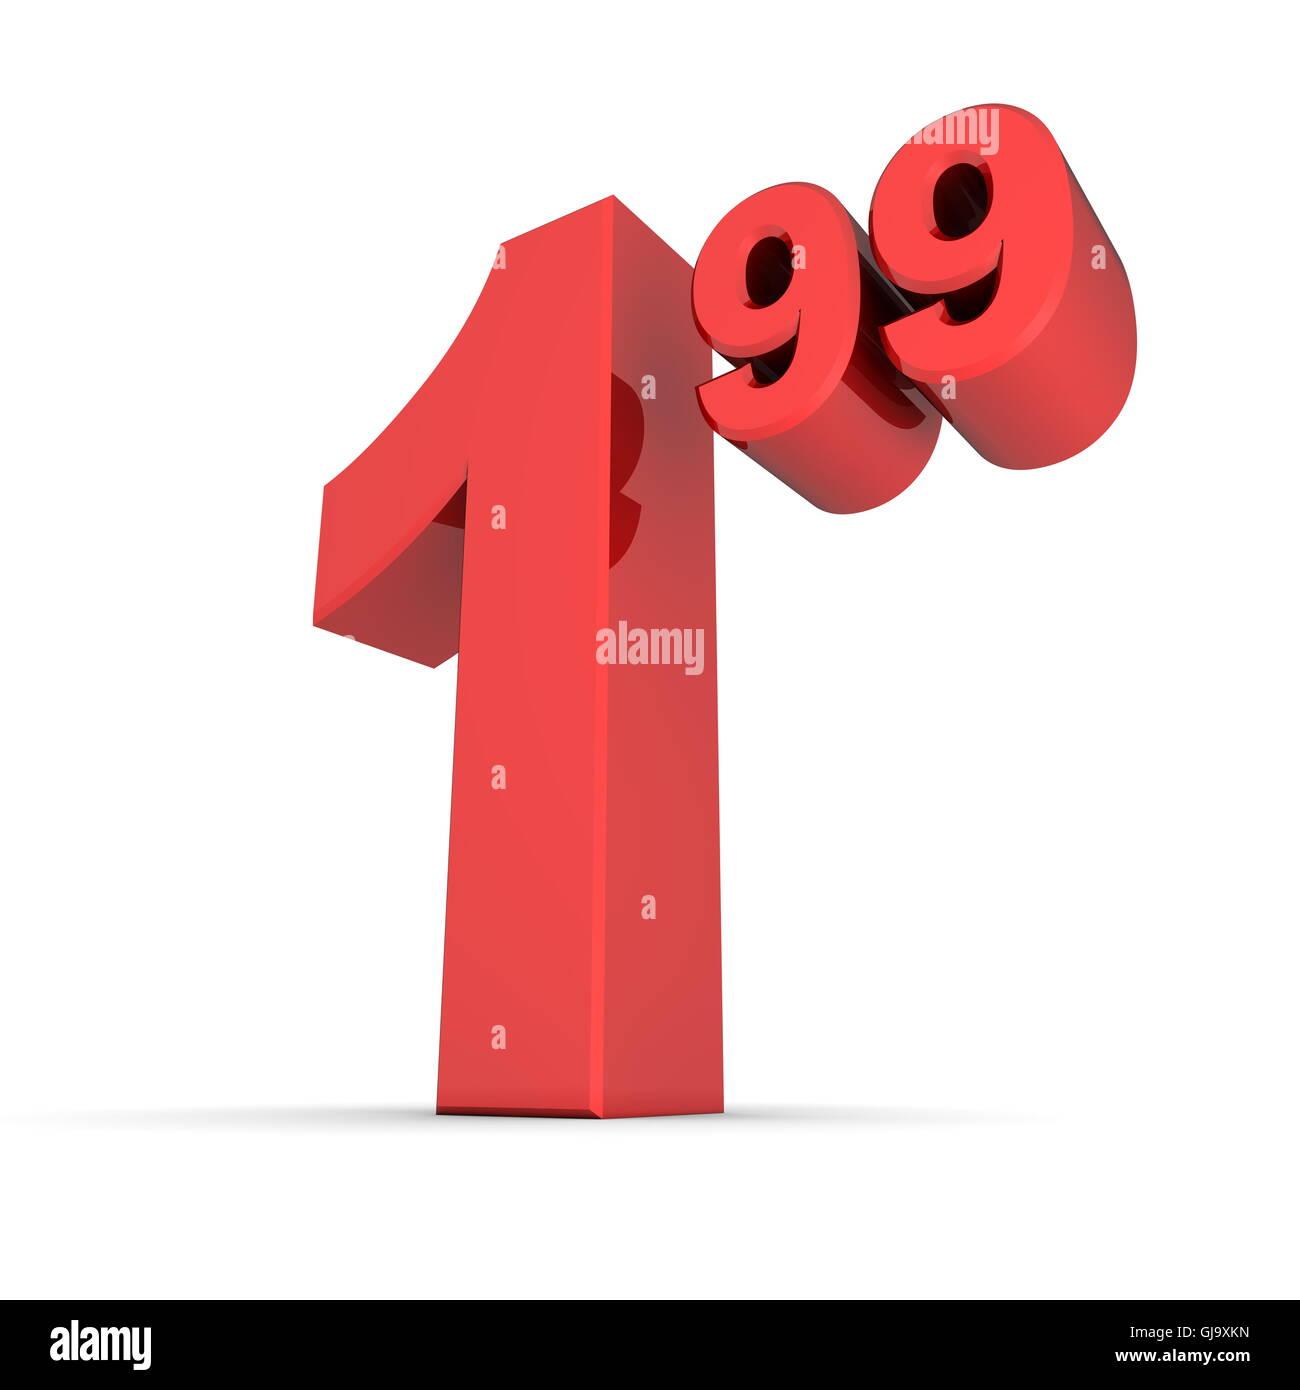 Número de etiqueta de precio sólido 1.99 - Rojo brillante Imagen De Stock